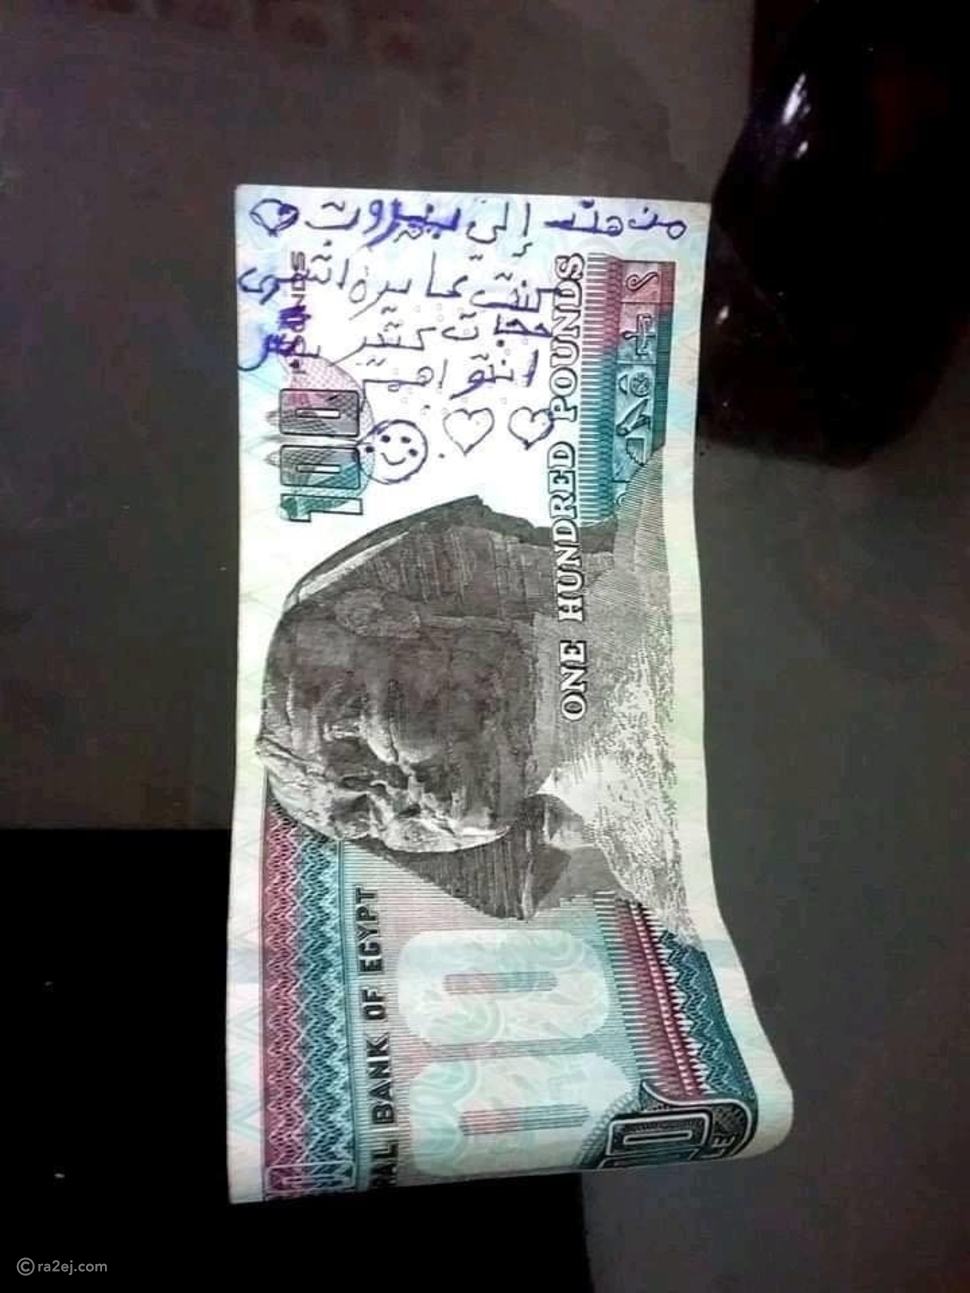 تبرع طفلة مصرية إلى لبنان يأثر القلوب: كانت تريد شراء طلاء للأظافر